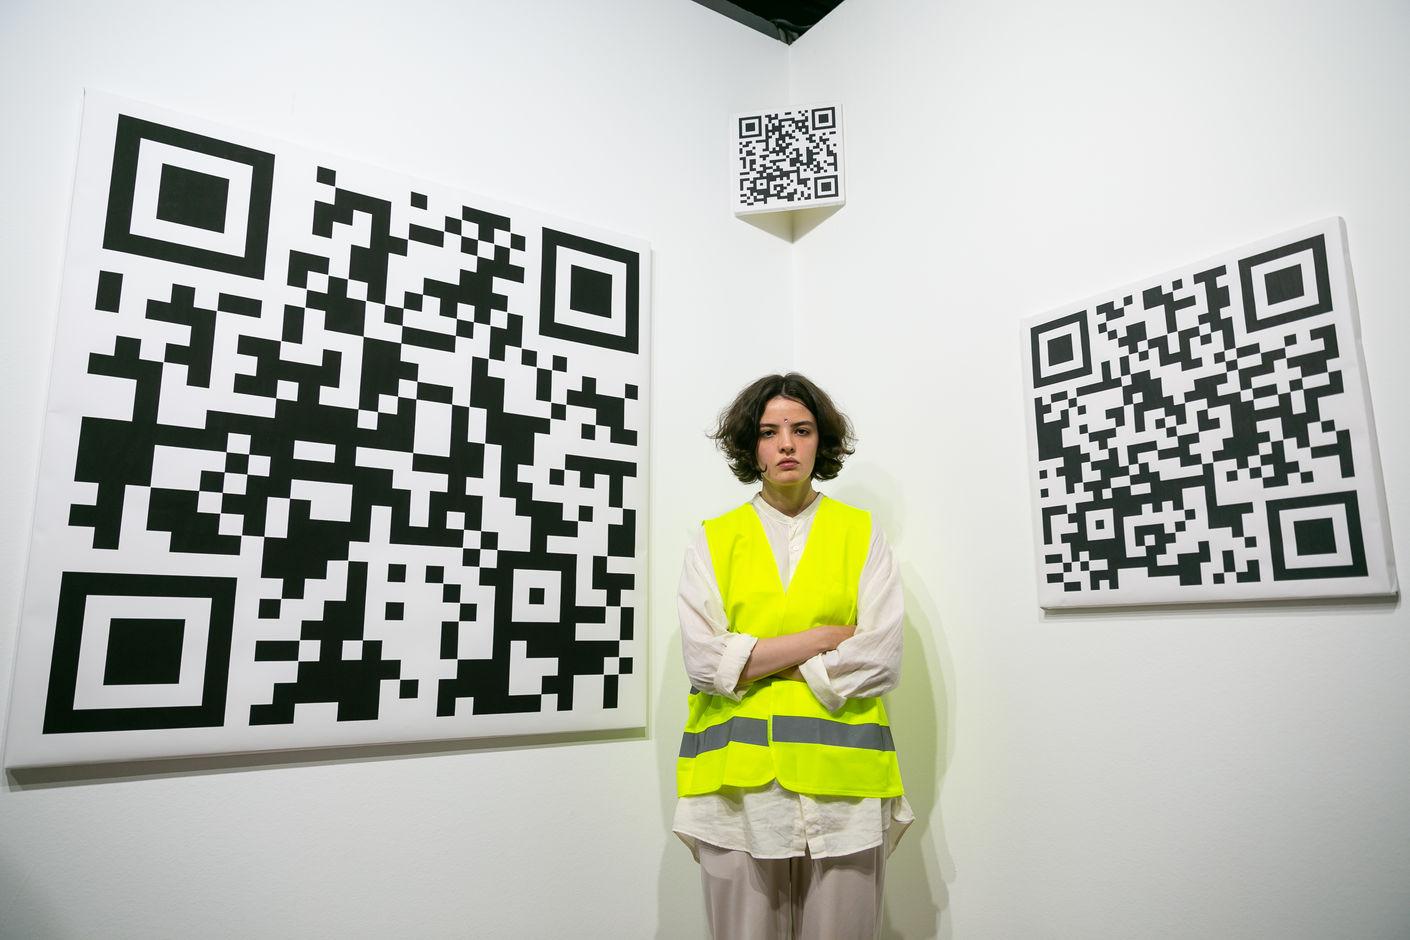 Соня Челышева ©Михаил Дмитриев, Высшая школа экономики